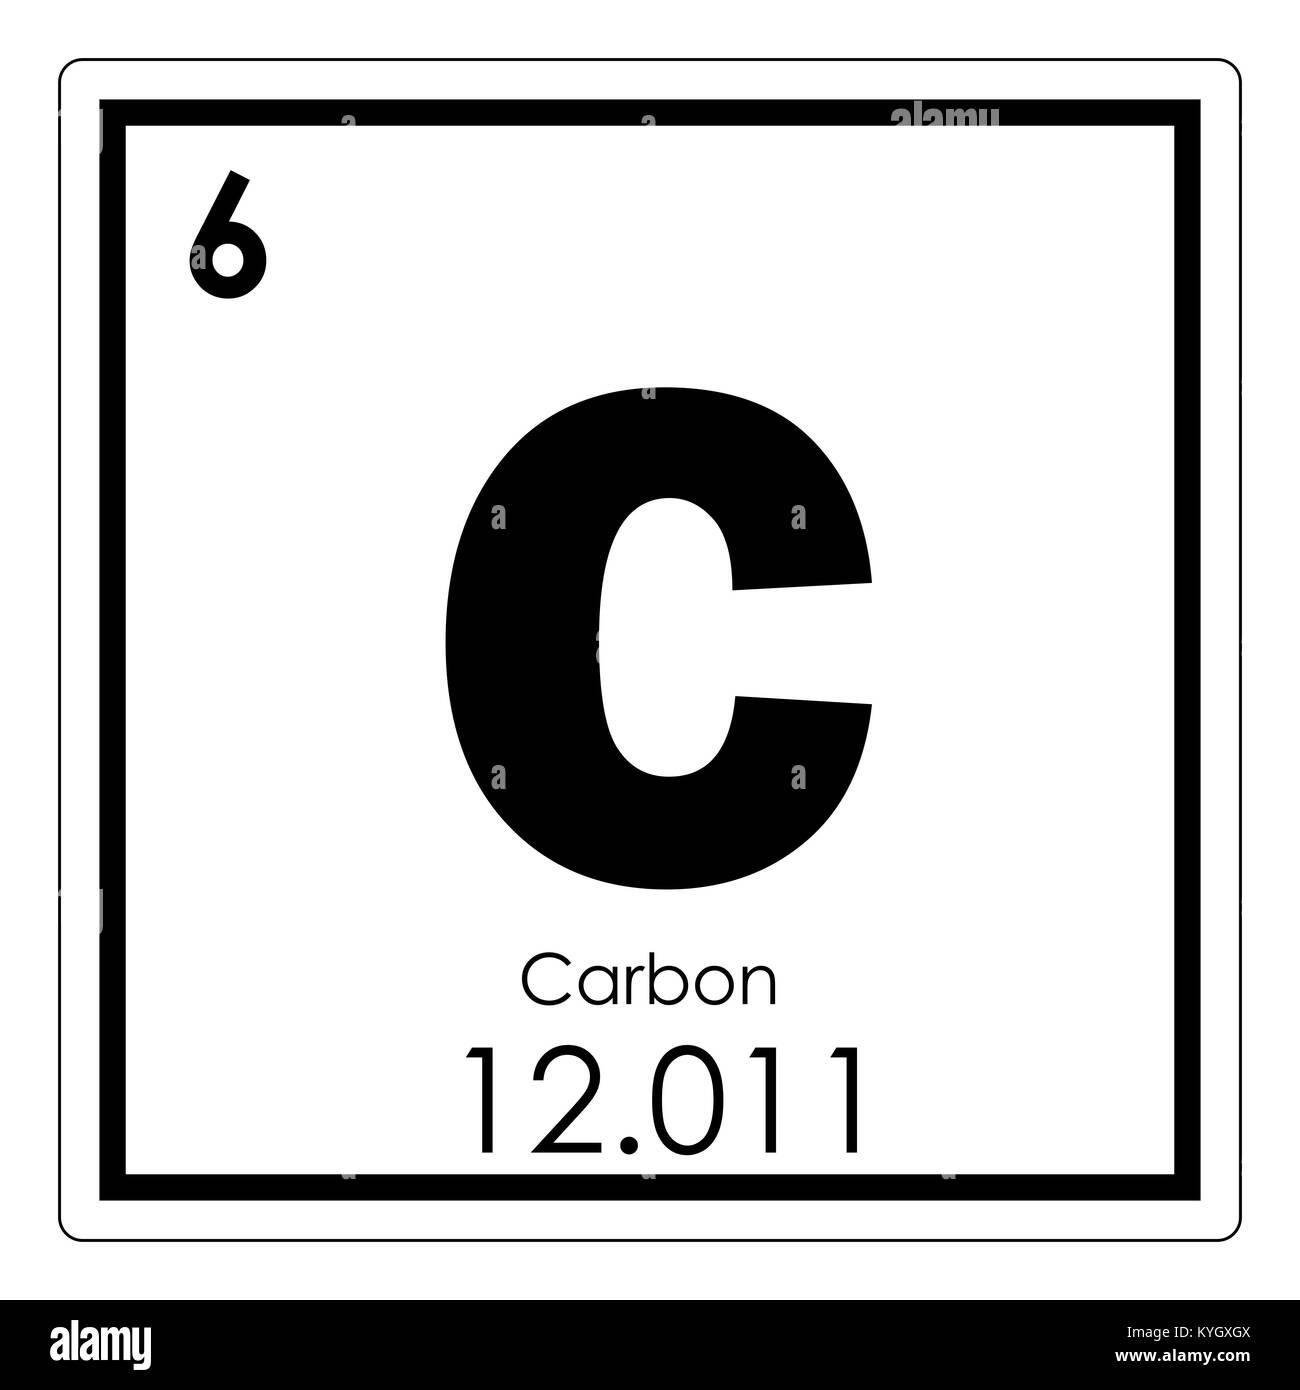 Tabla peridica de elementos qumicos de carbono ciencia smbolo tabla peridica de elementos qumicos de carbono ciencia smbolo urtaz Gallery